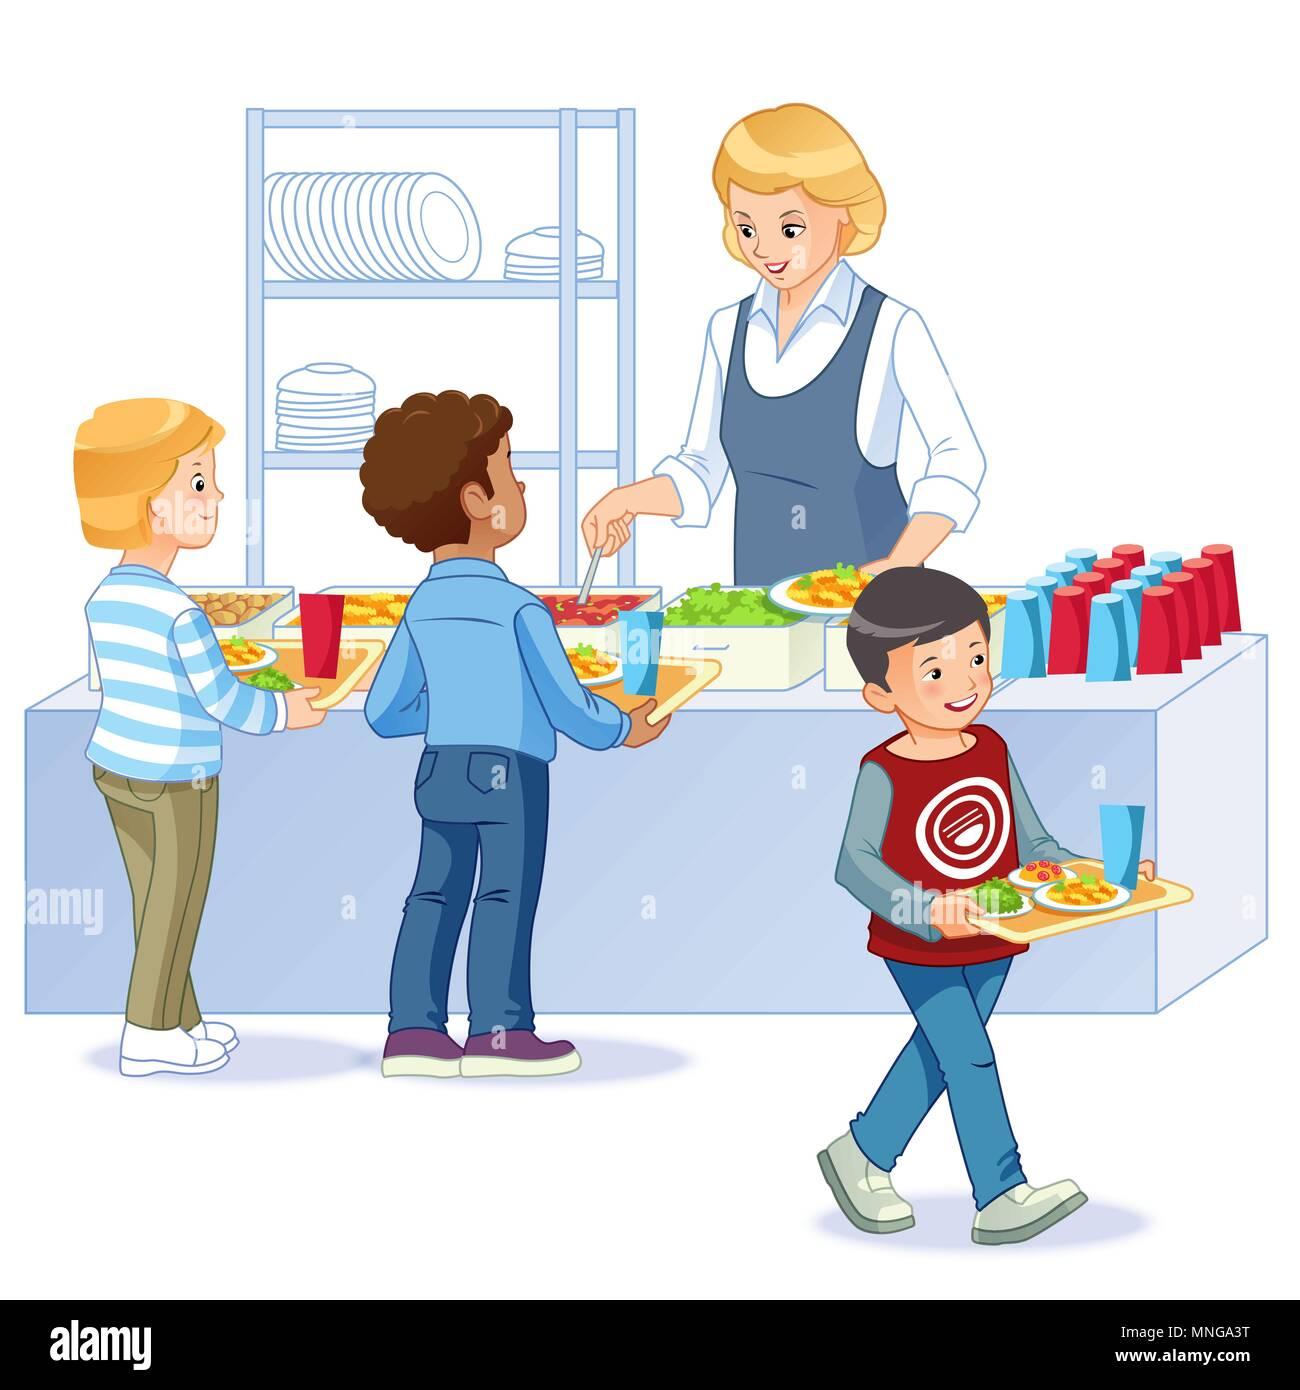 usa school canteen stock photos & usa school canteen stock images